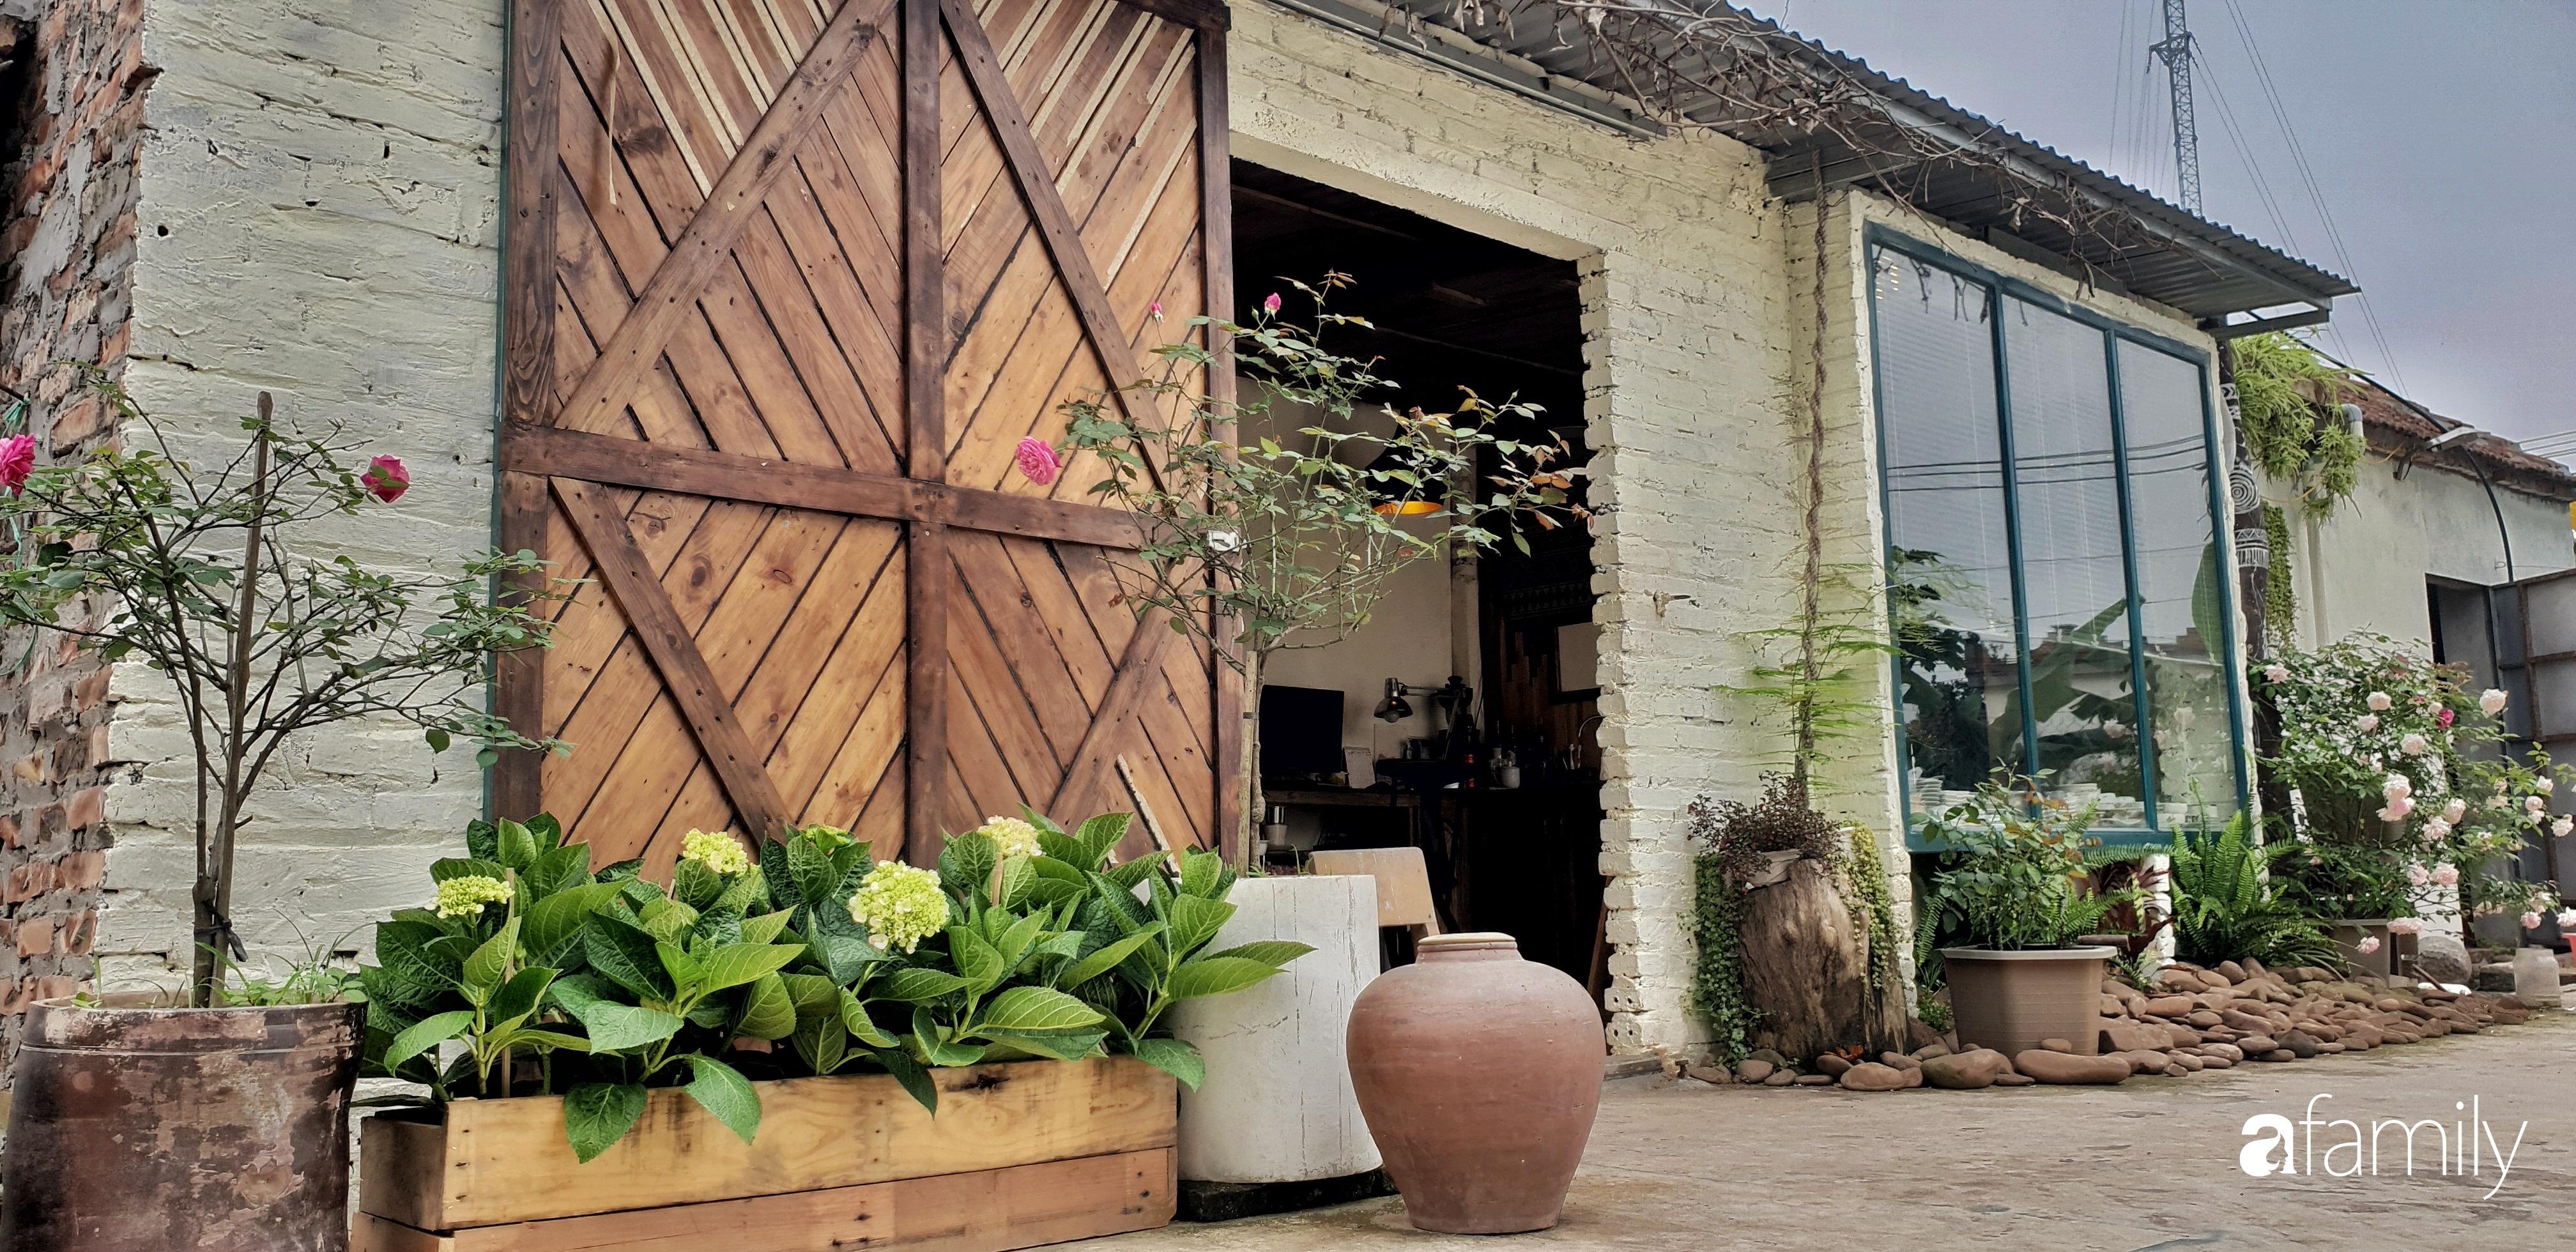 Chàng trai miền Trung biến nhà kho cũ thành ngôi nhà hạnh phúc đẹp lãng mạn cho hai vợ chồng - Ảnh 4.